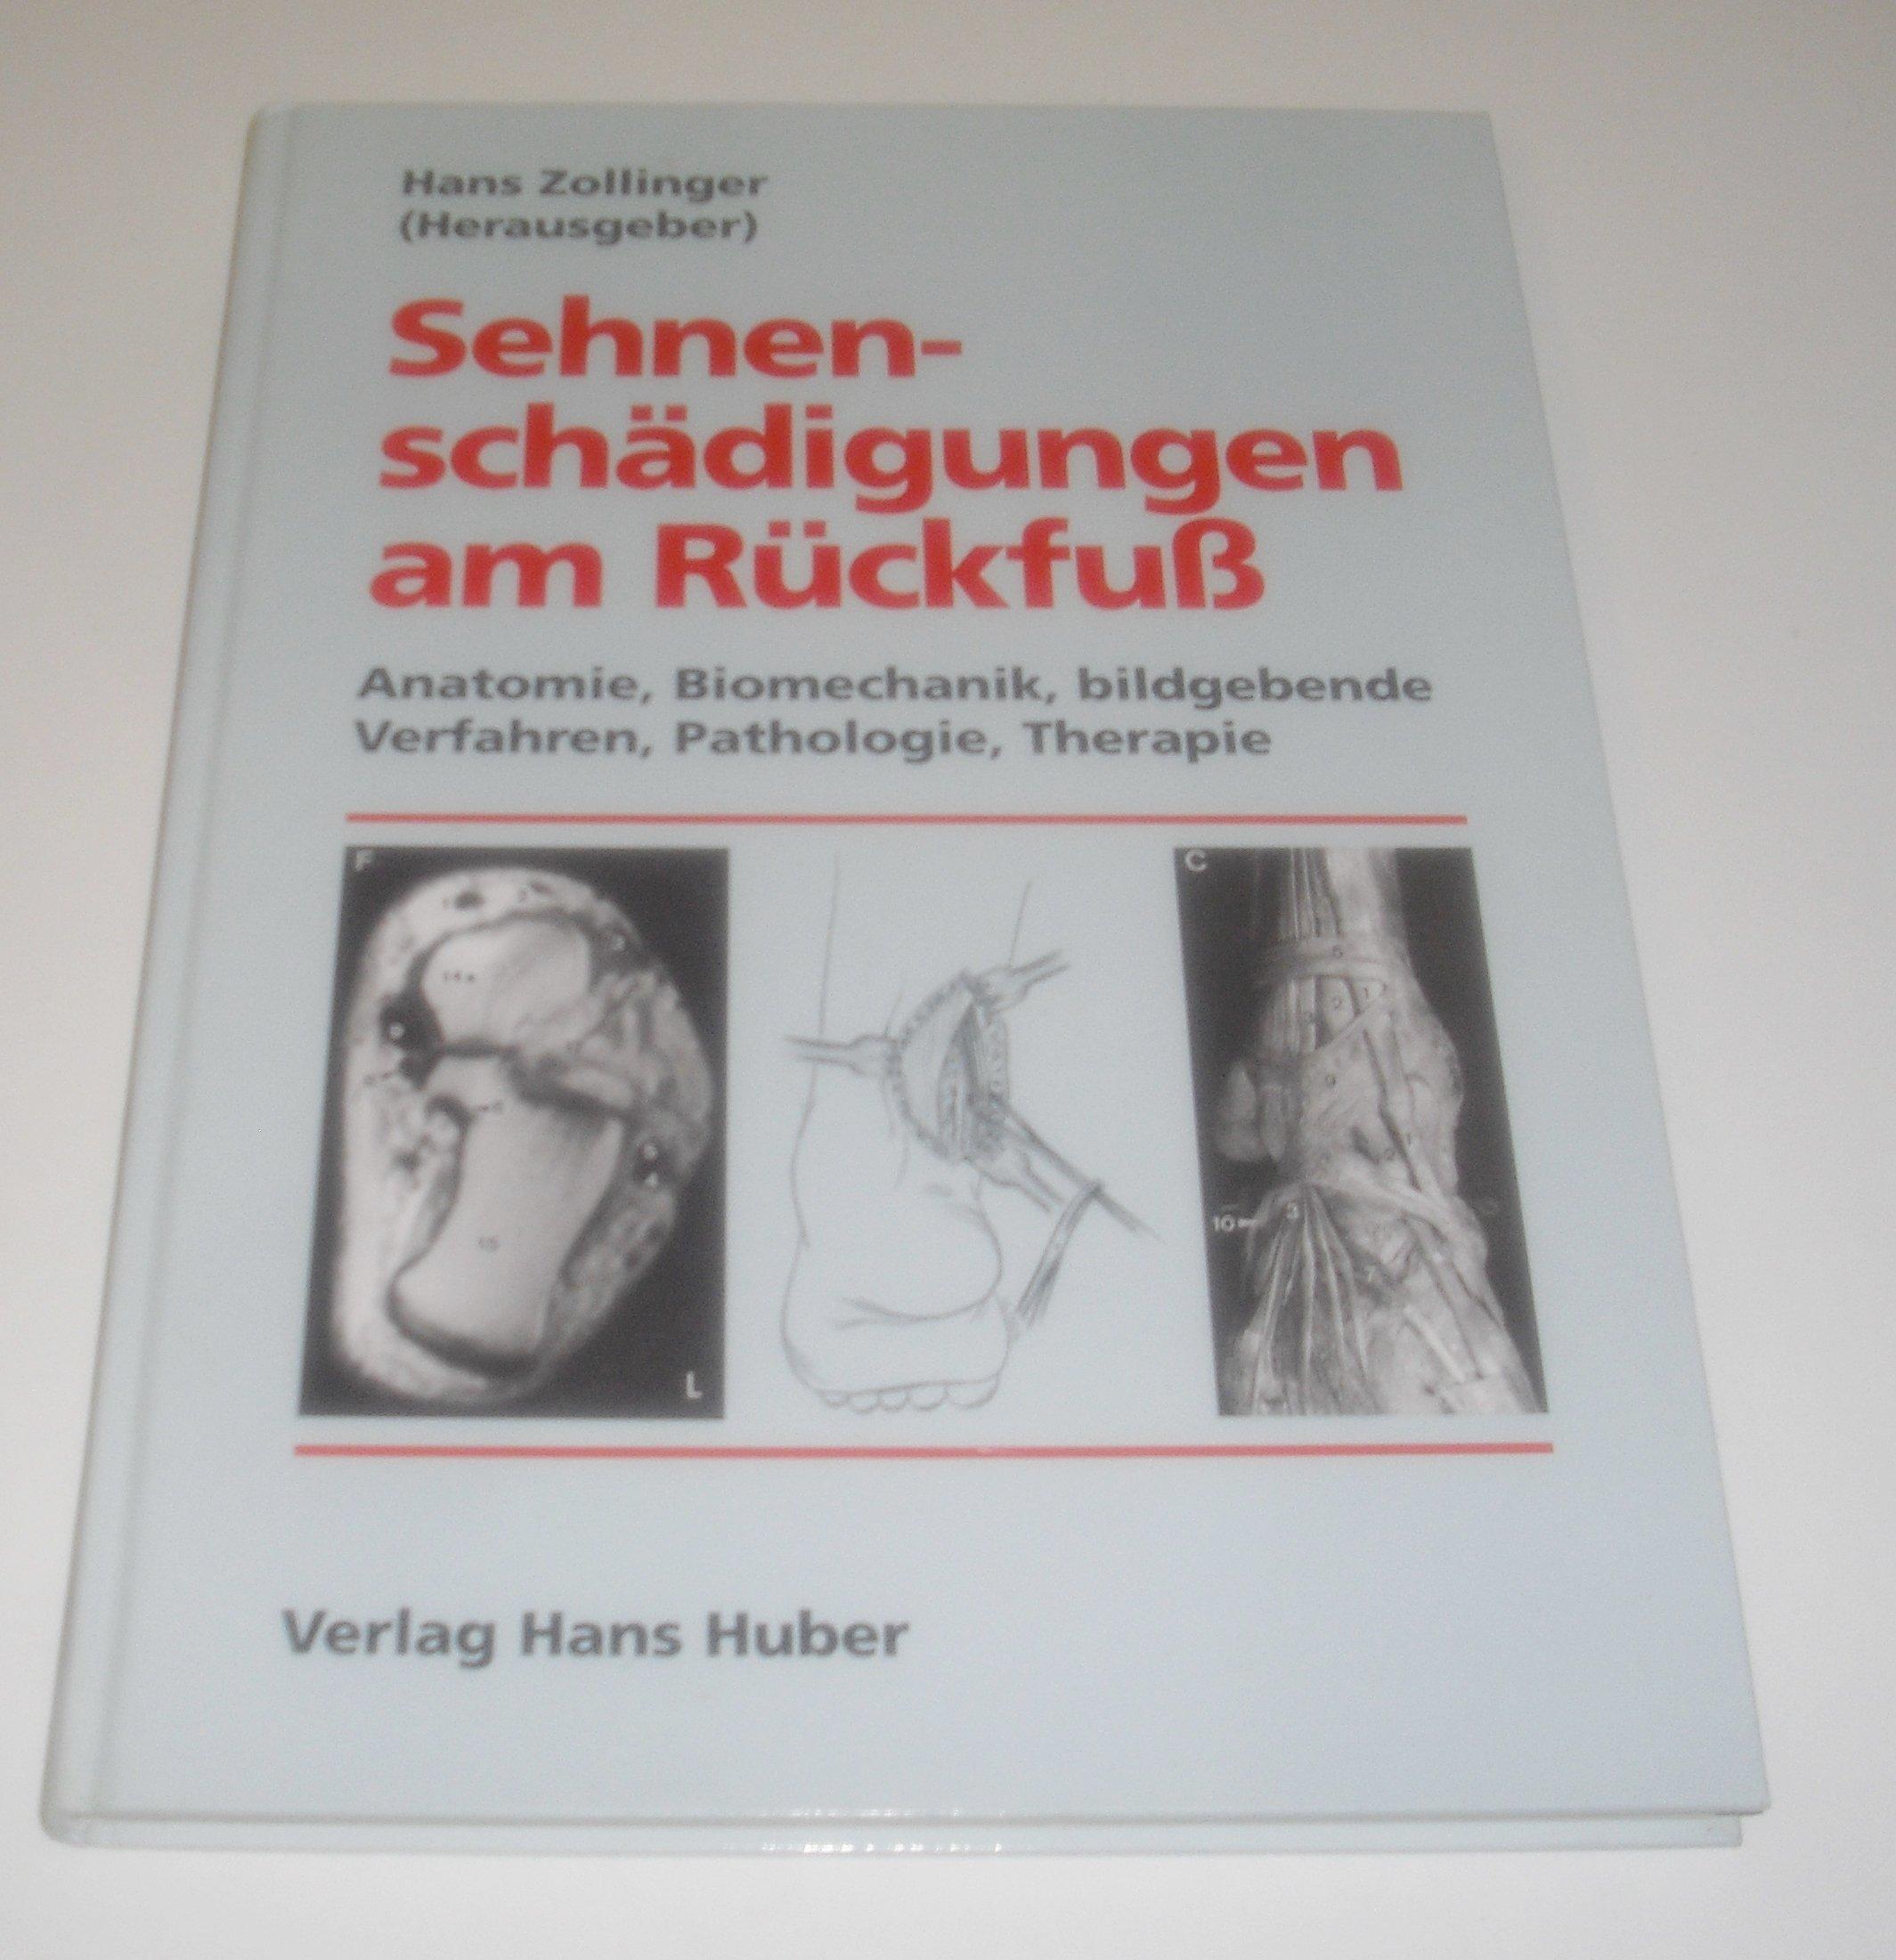 Sehnenschädigungen am Rückfuß Anatomie, Biomechanik, bildgebende ...